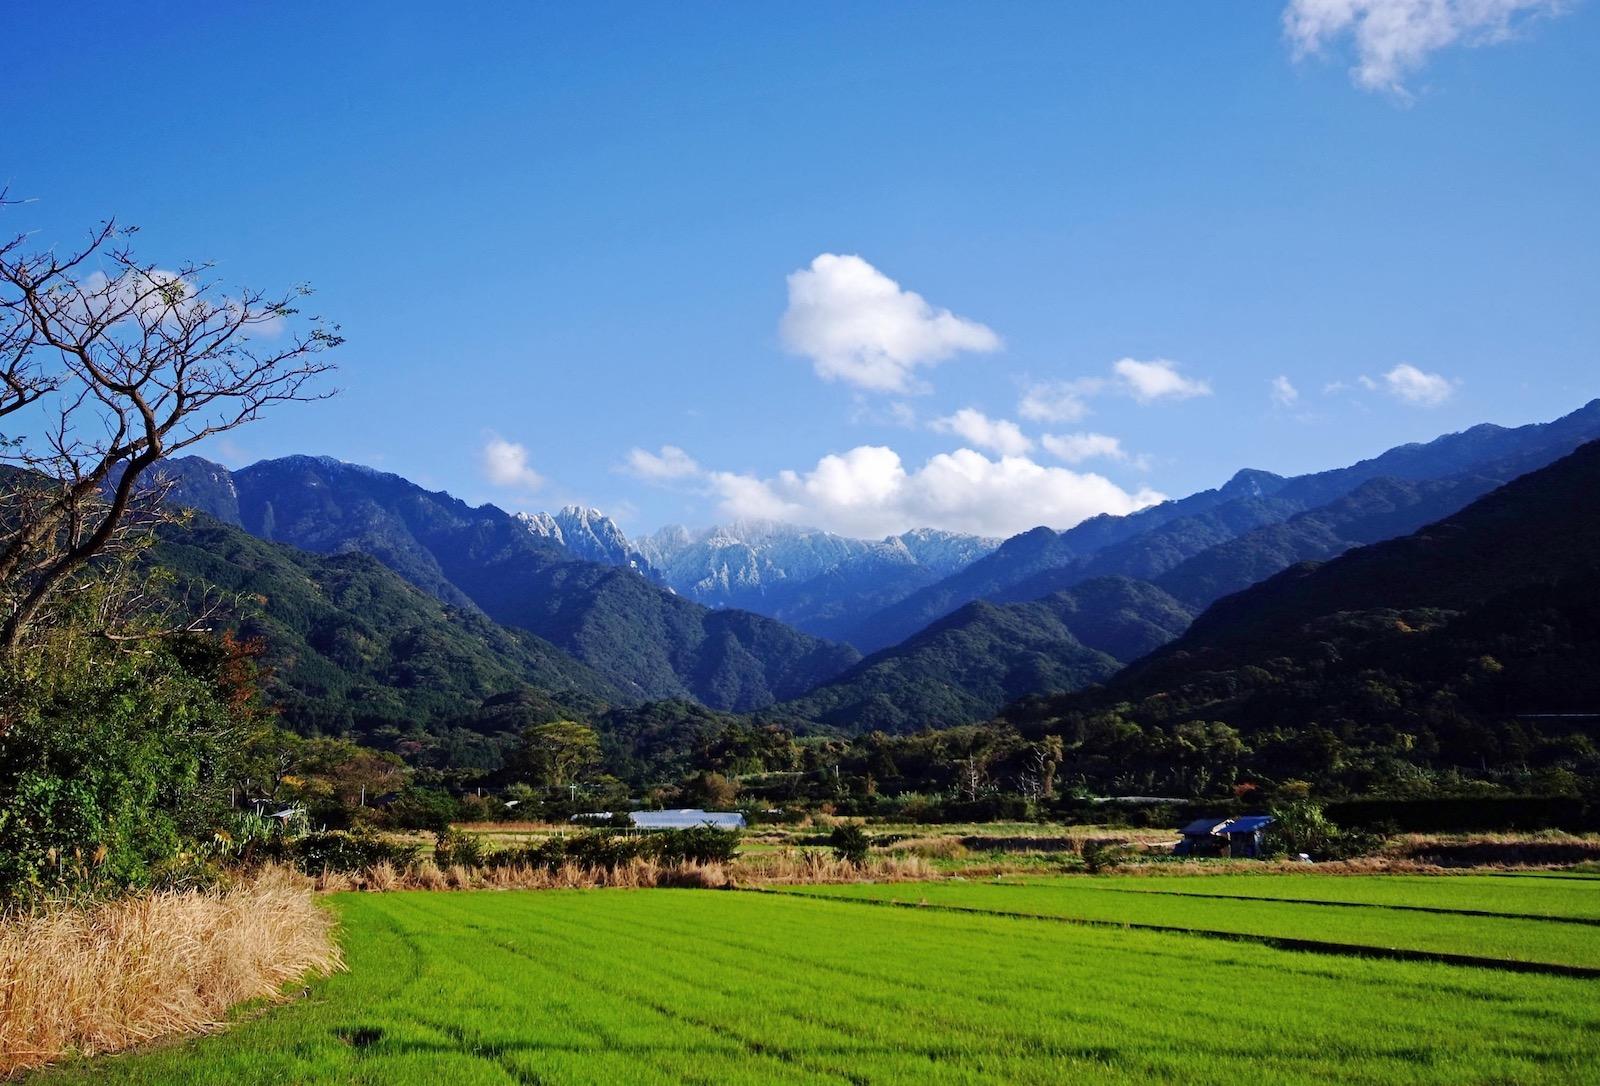 島内で唯一、奥岳が見える永田集落の風景。山と里が直結している。